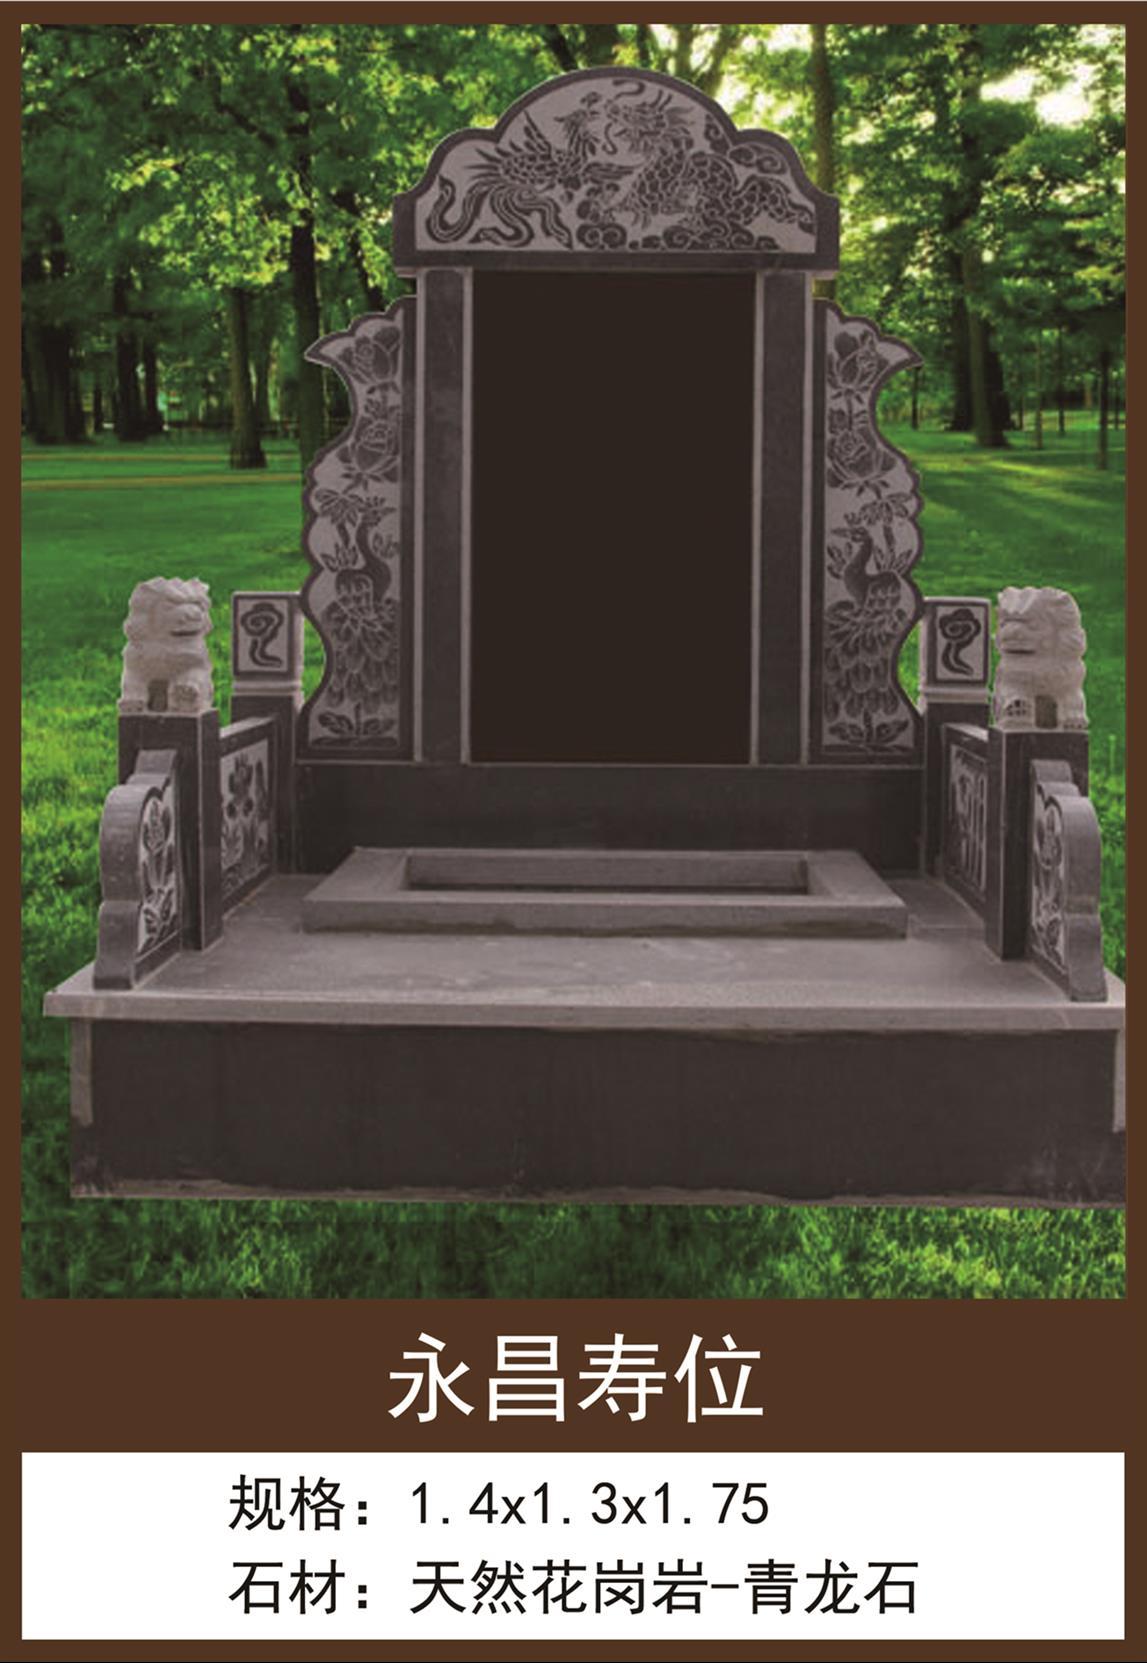 特价墓地陵园费用